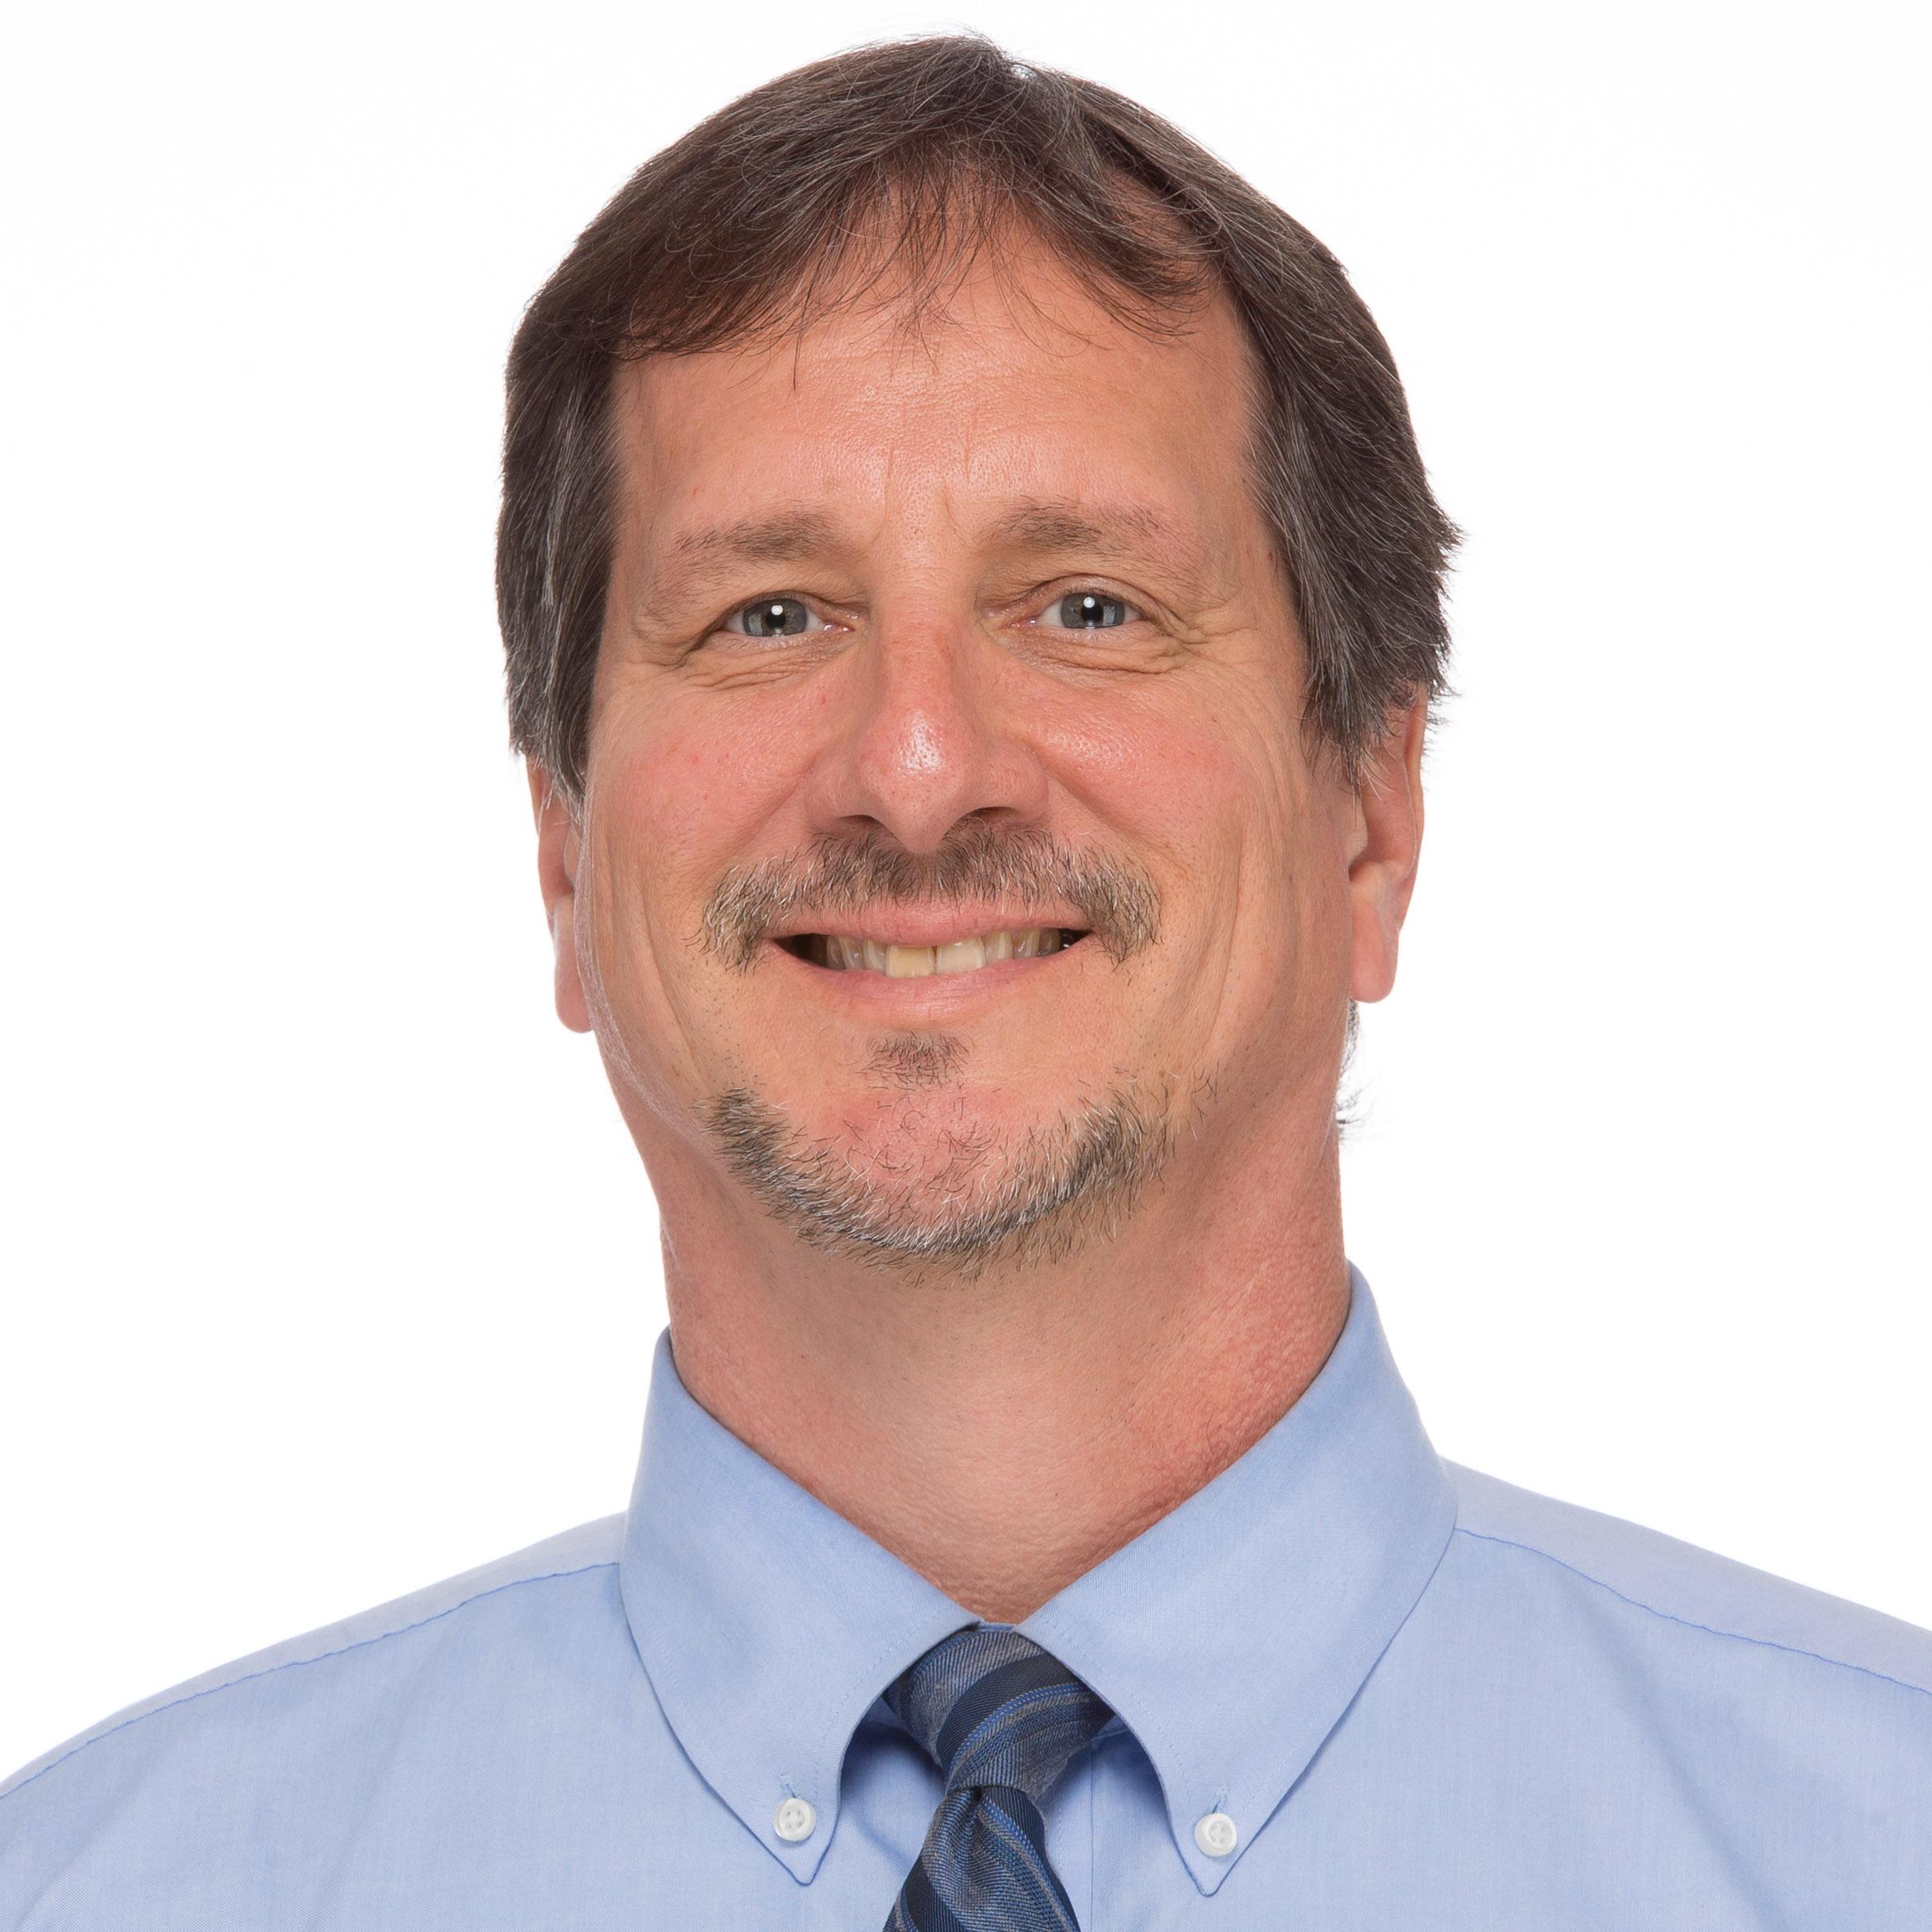 Jon Adcock